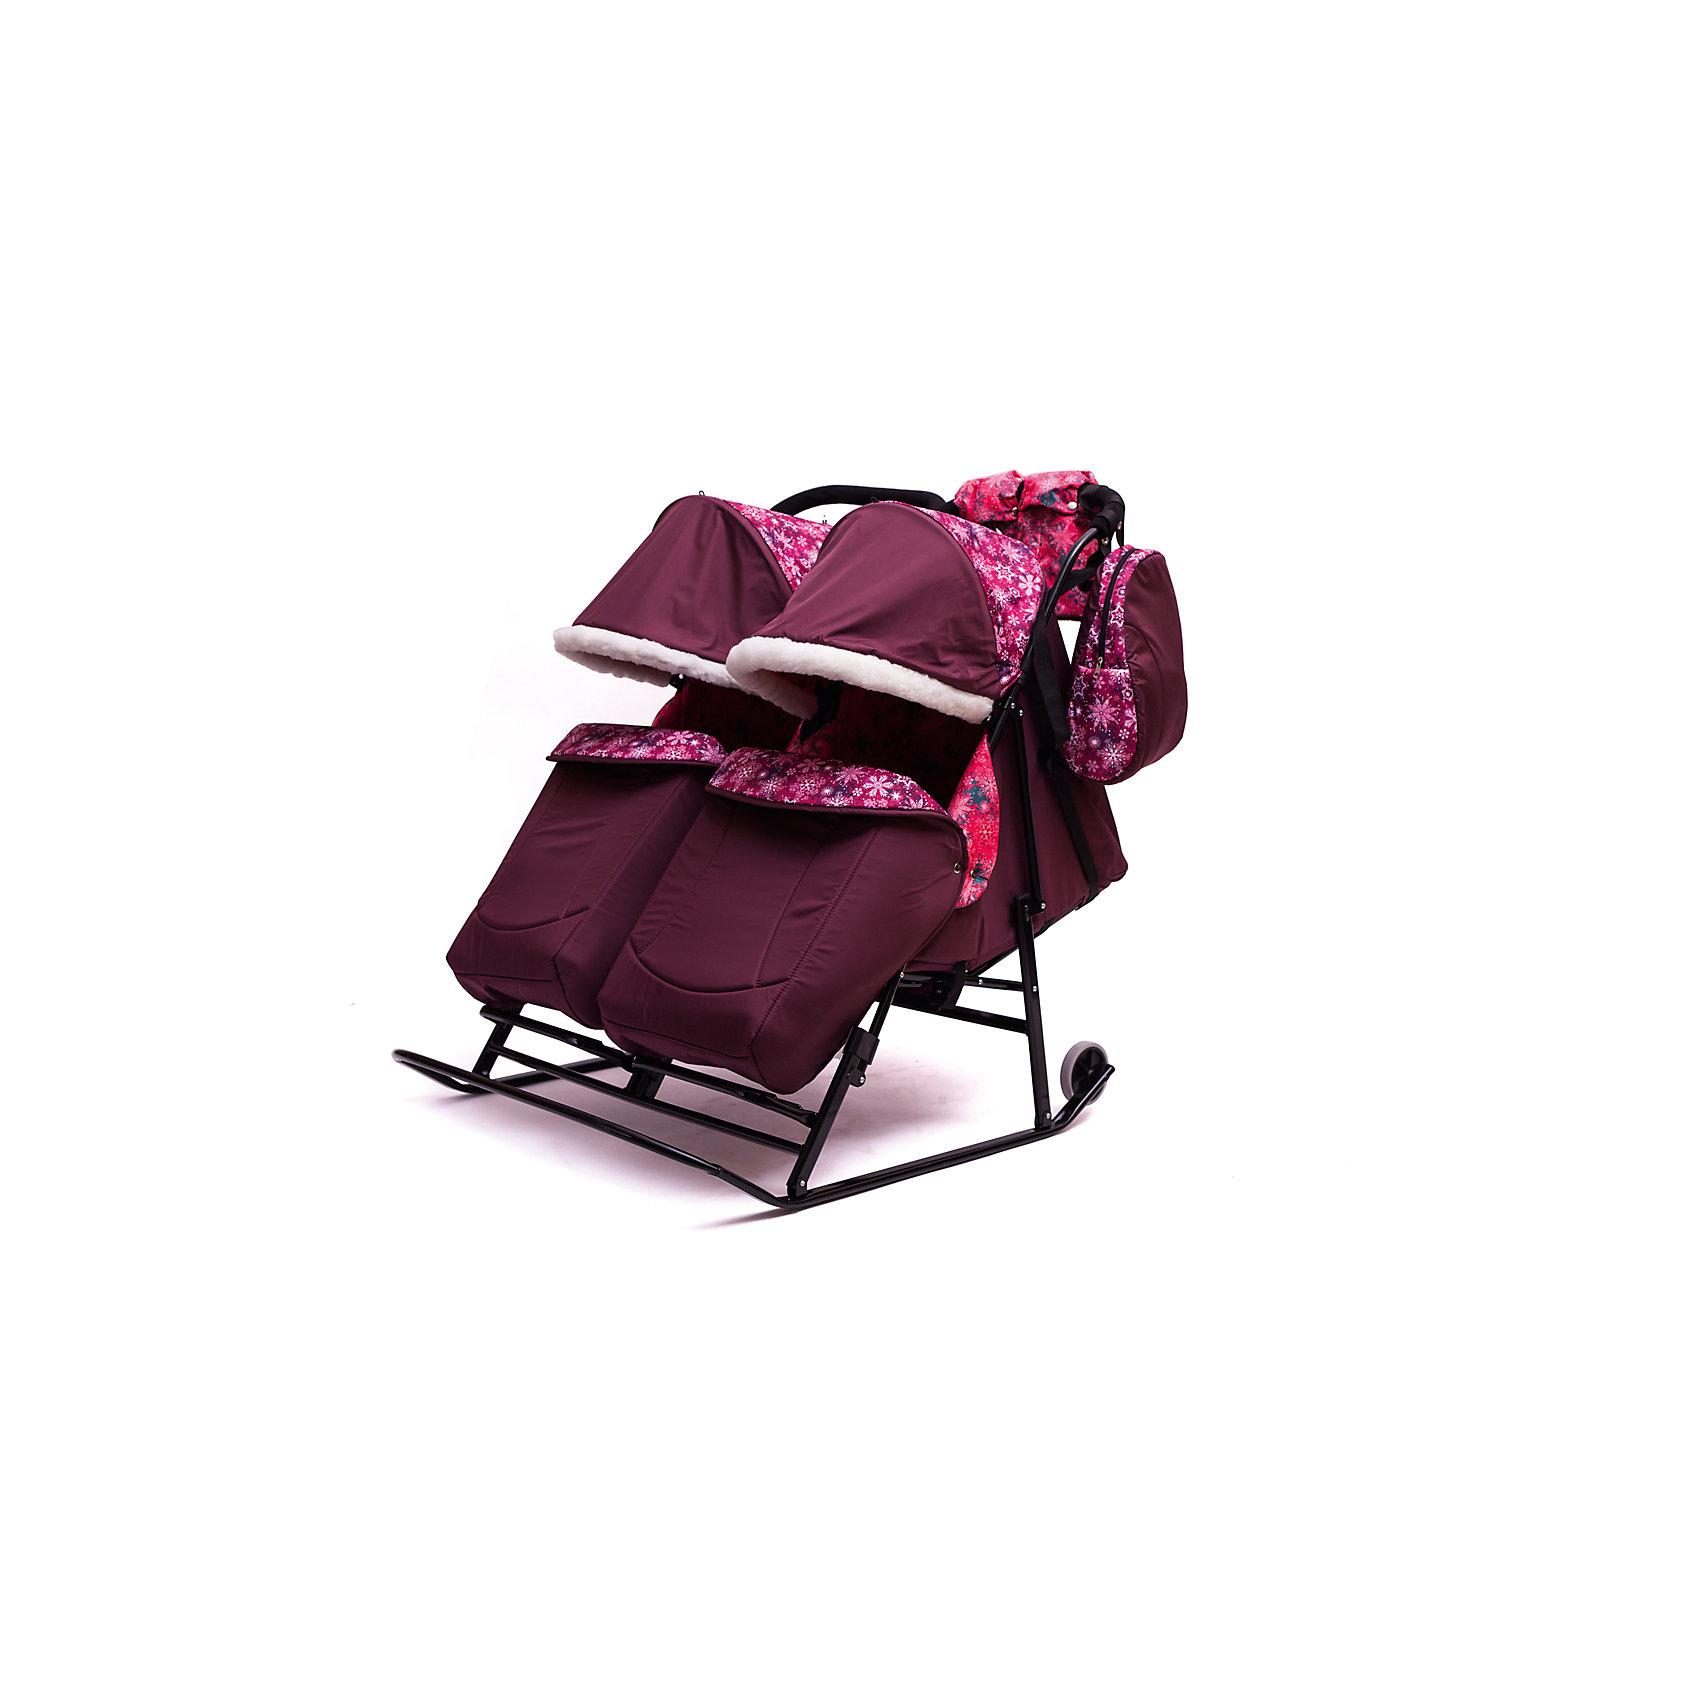 ходунки abc academy 9253 розовые ABC Academy Санки-коляска для двойни Зимняя сказка 3В Твин, черная рама, ABC Academy, бордовый/снежинки